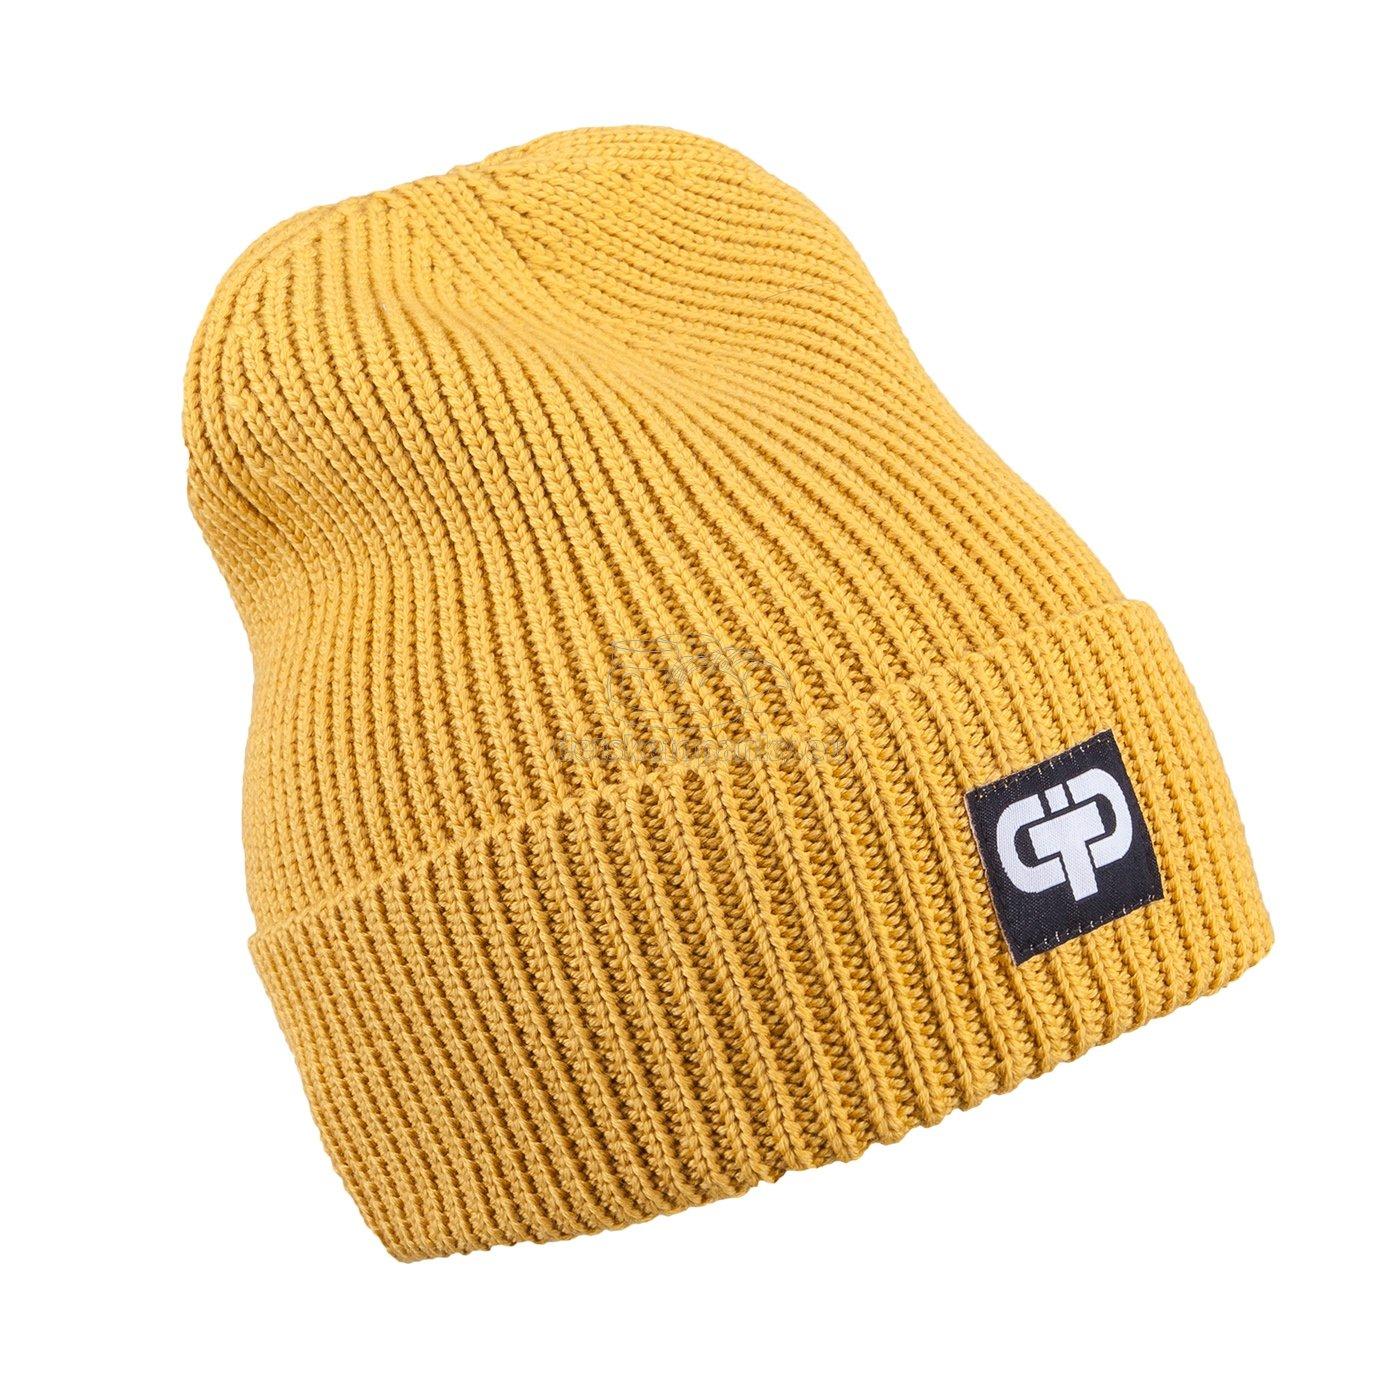 Detská zimná čapica TUTU 3-005200 yellow